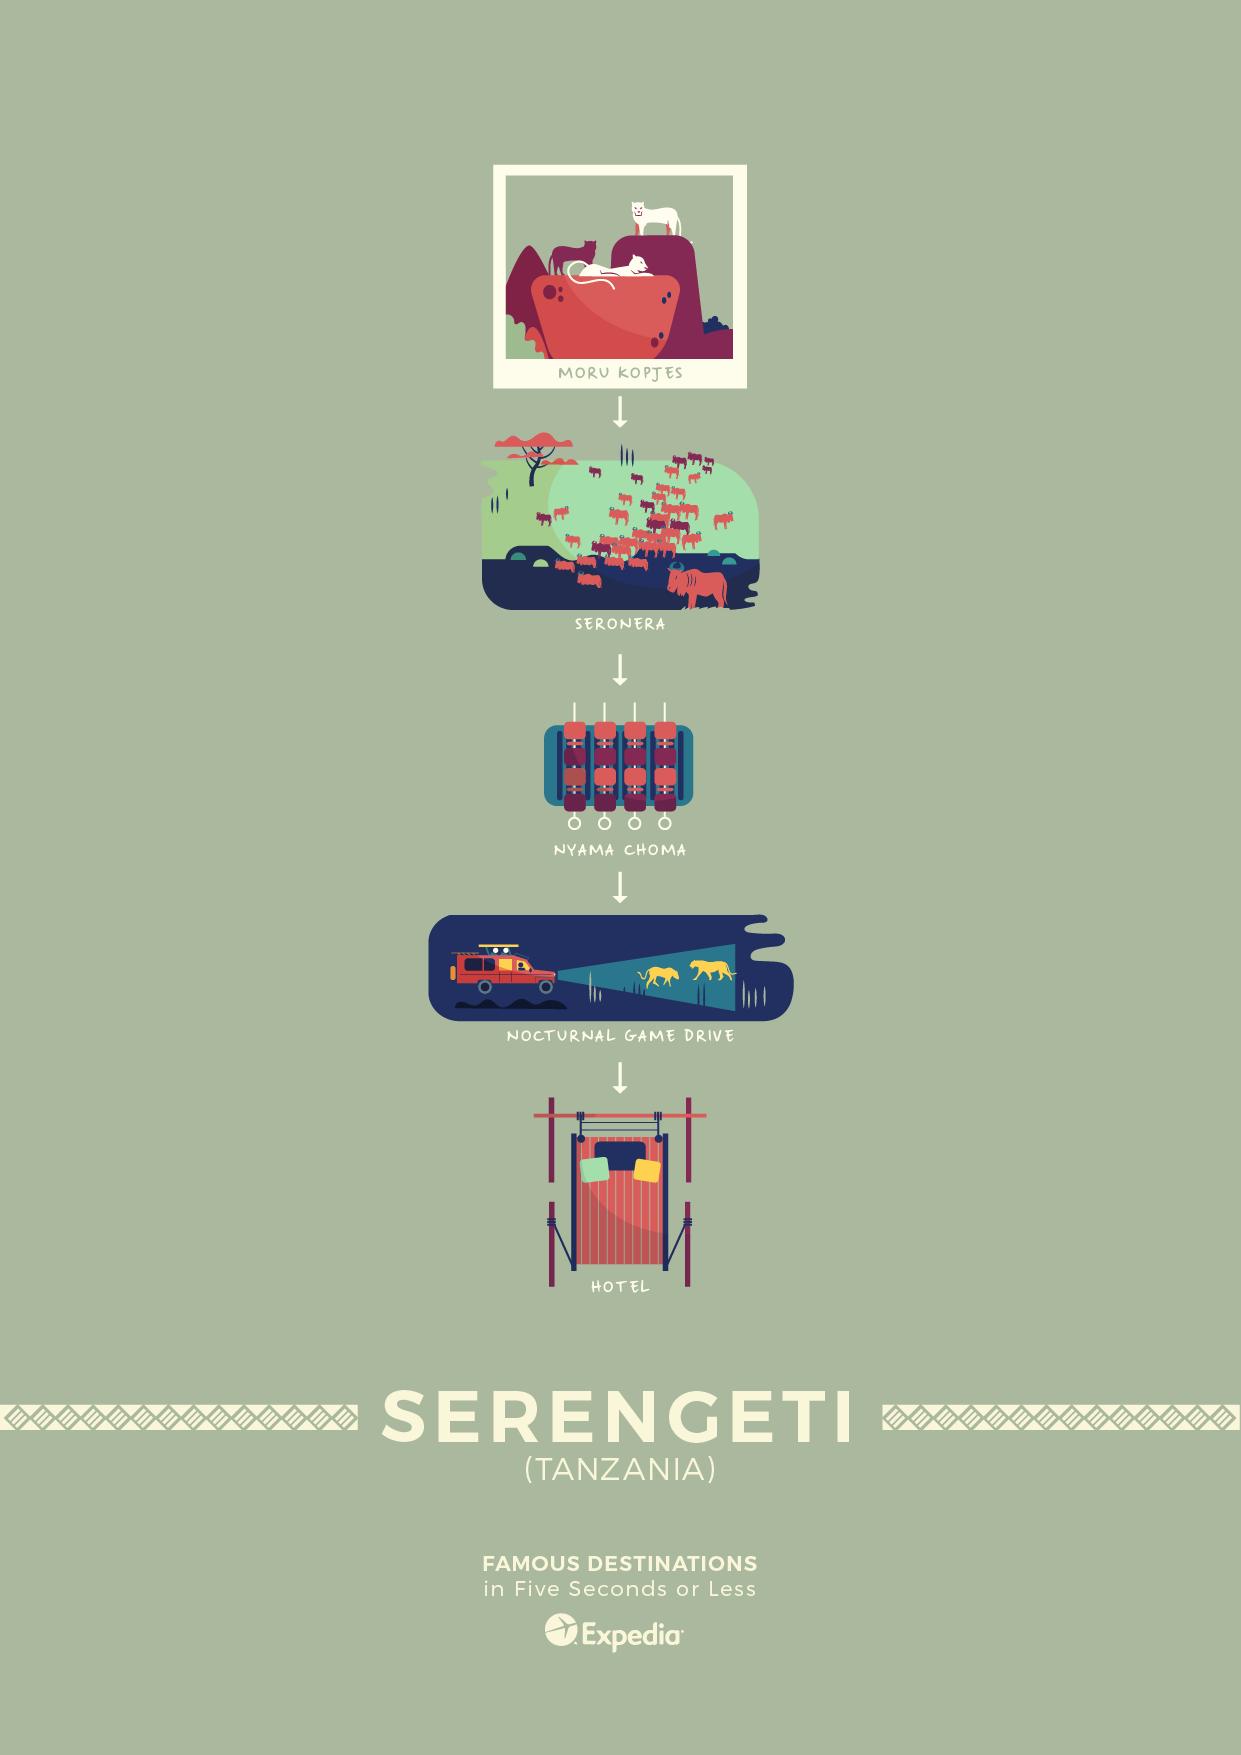 09_Serengeti